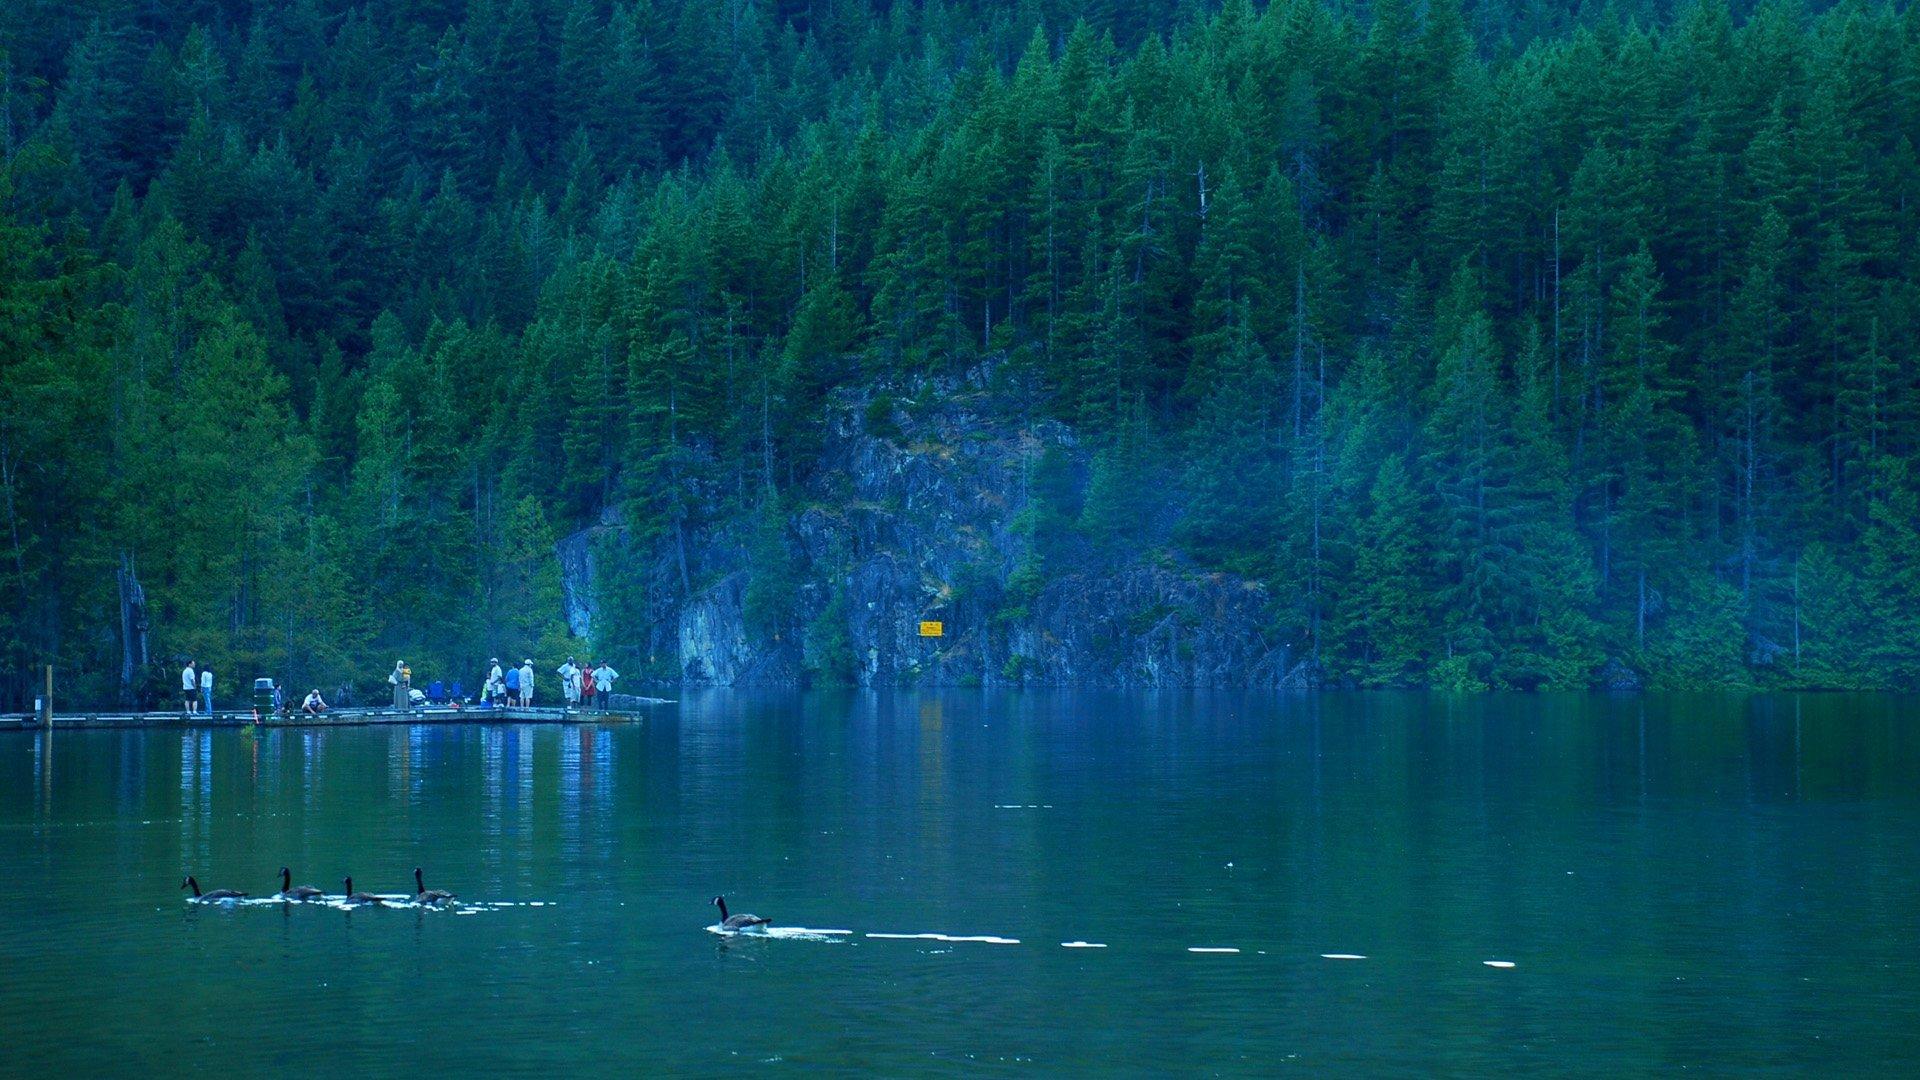 göl fotoğrafları – 9